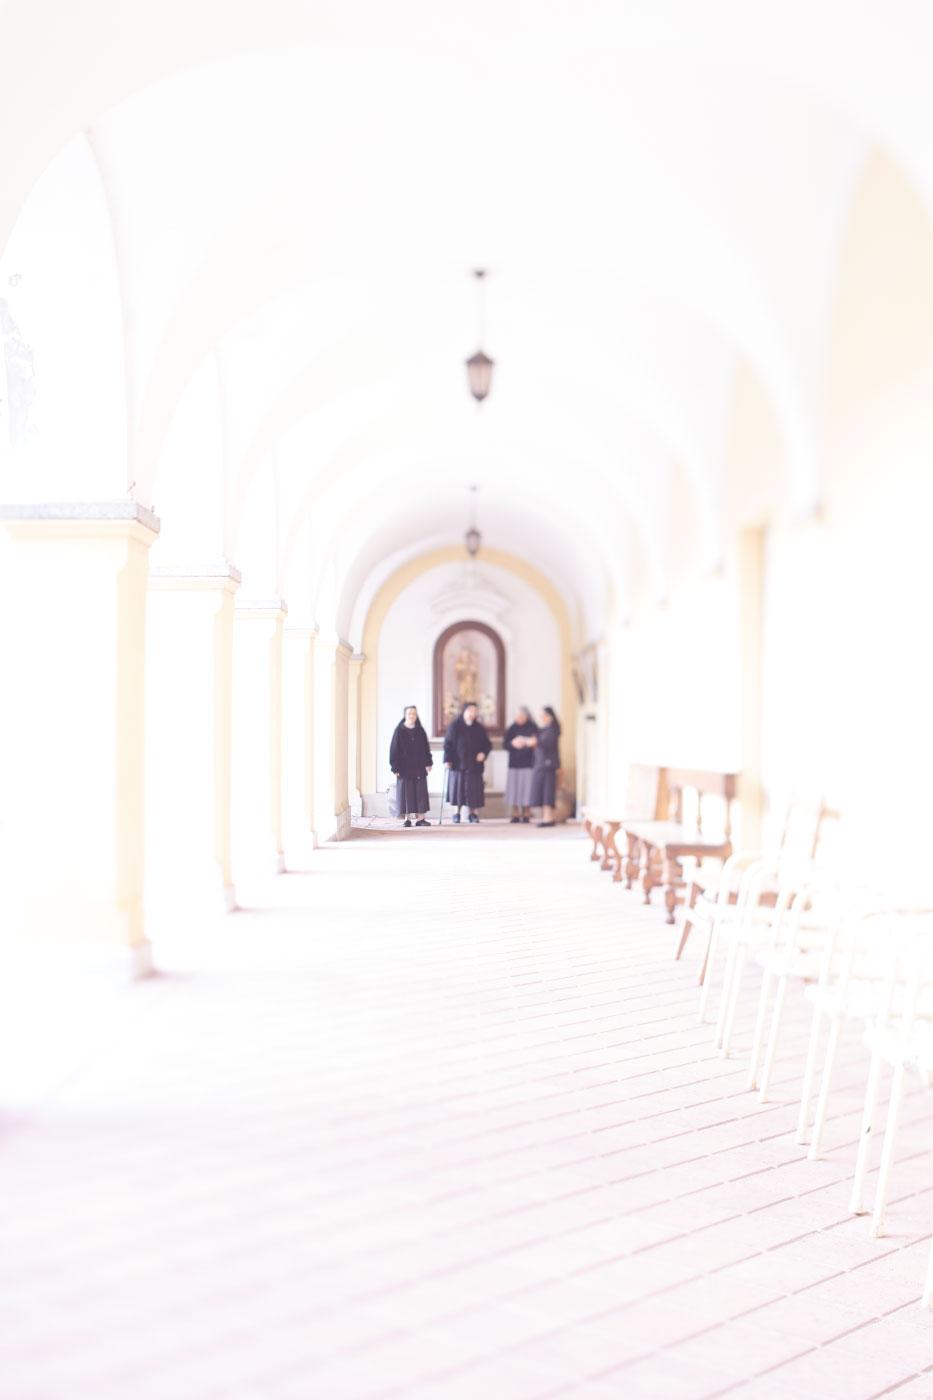 giulio_favotto_anagoor_santa_impresa_08